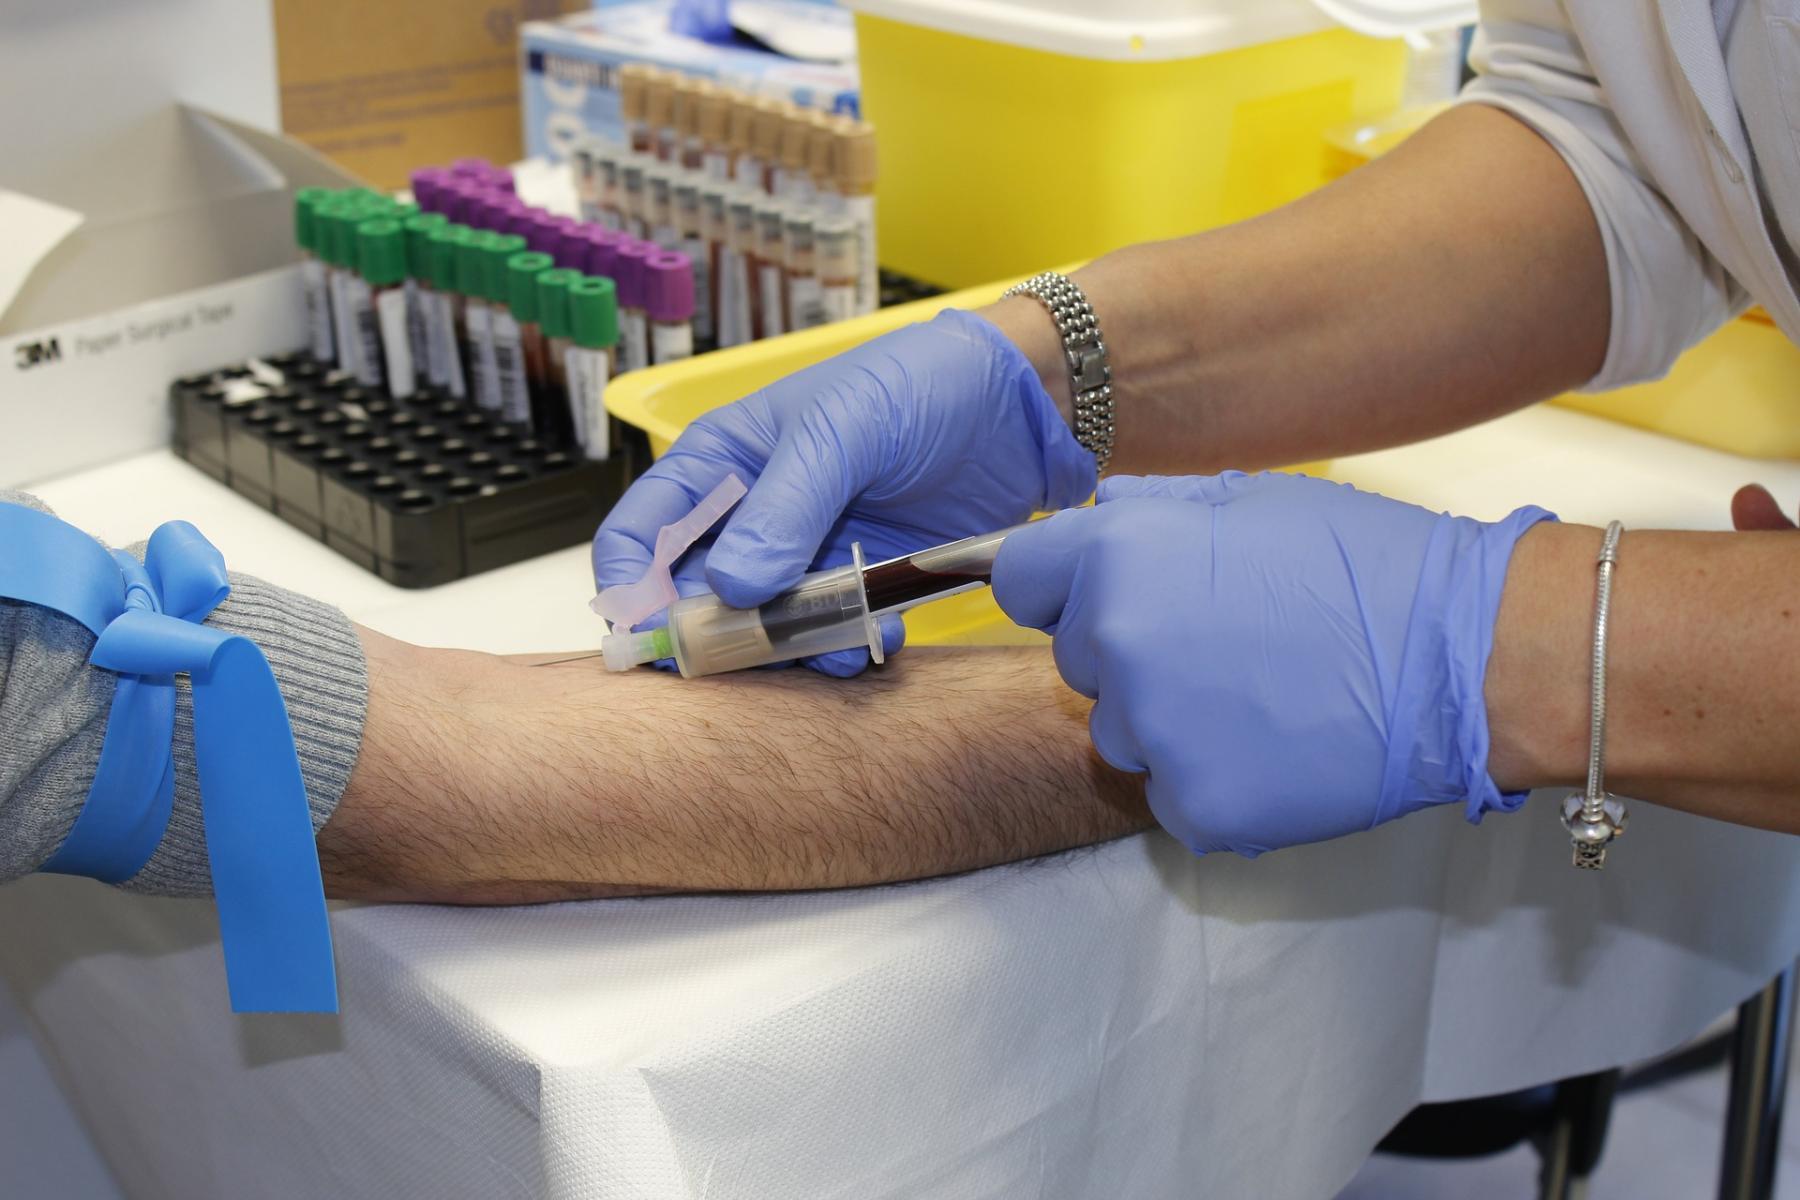 фото Учёные выявили группу крови, носители которой меньше всего подвержены риску заражения COVID-19 2